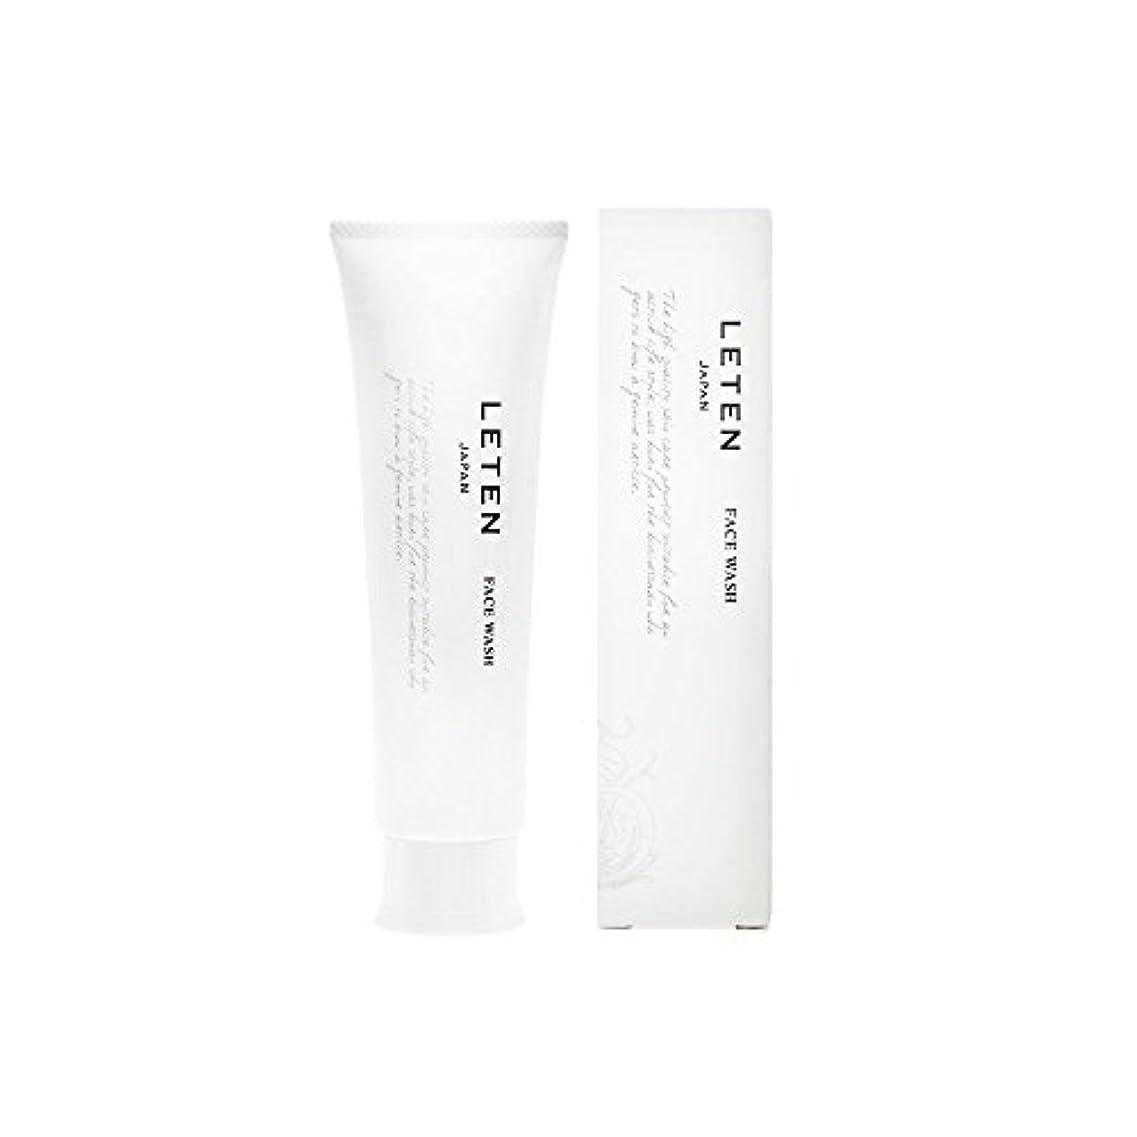 英語の授業があります保存ブラウズレテン (LETEN) フェイスウォッシュ 100g 洗顔フォーム 洗顔料 敏感肌